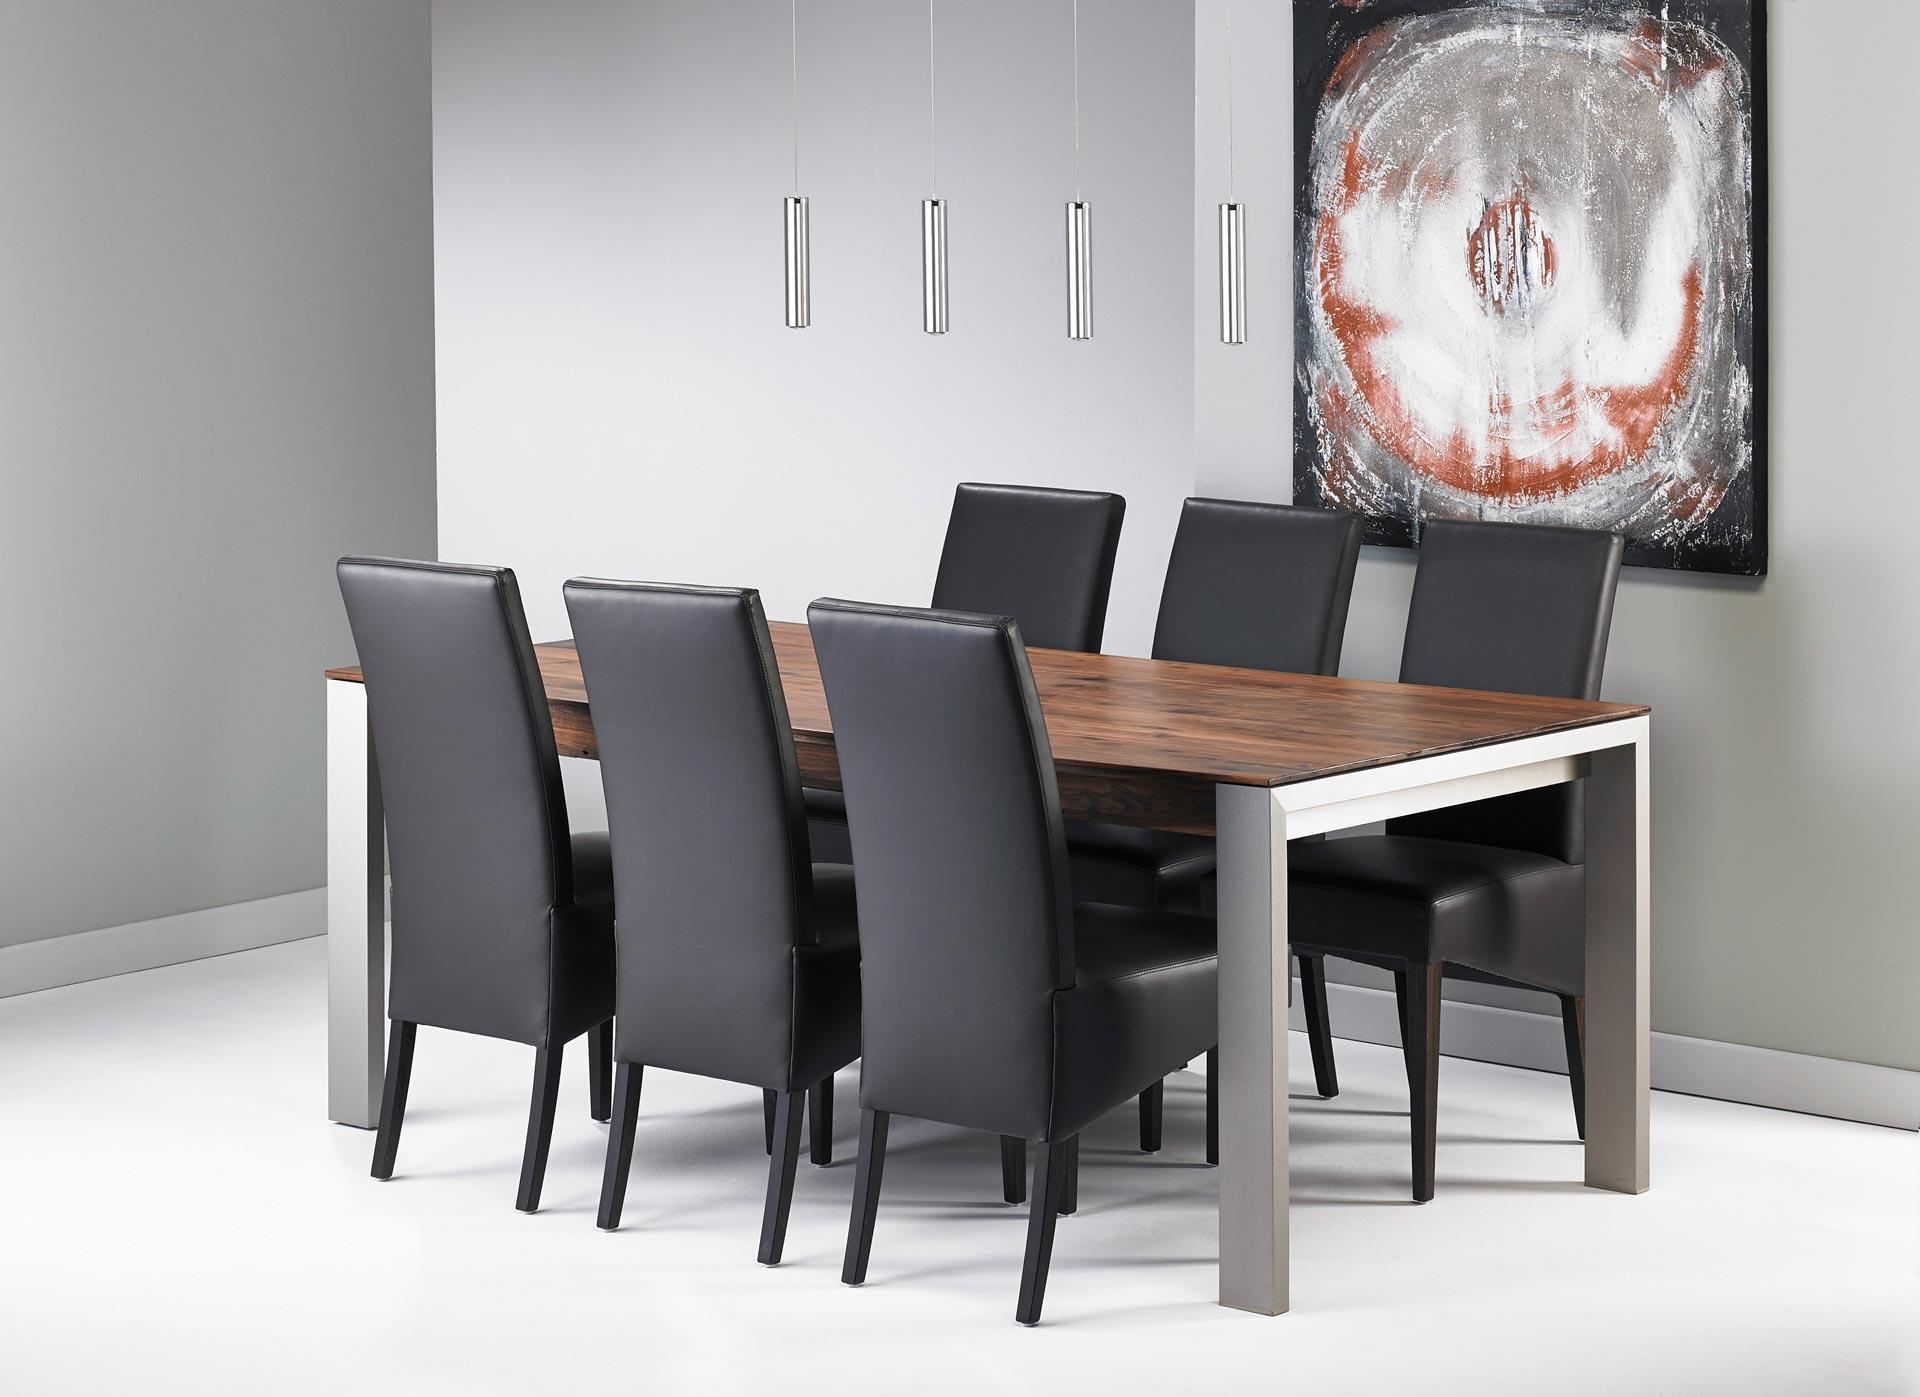 esstisch nussbaum mit edelstahlfuessen stuehle esstisch. Black Bedroom Furniture Sets. Home Design Ideas